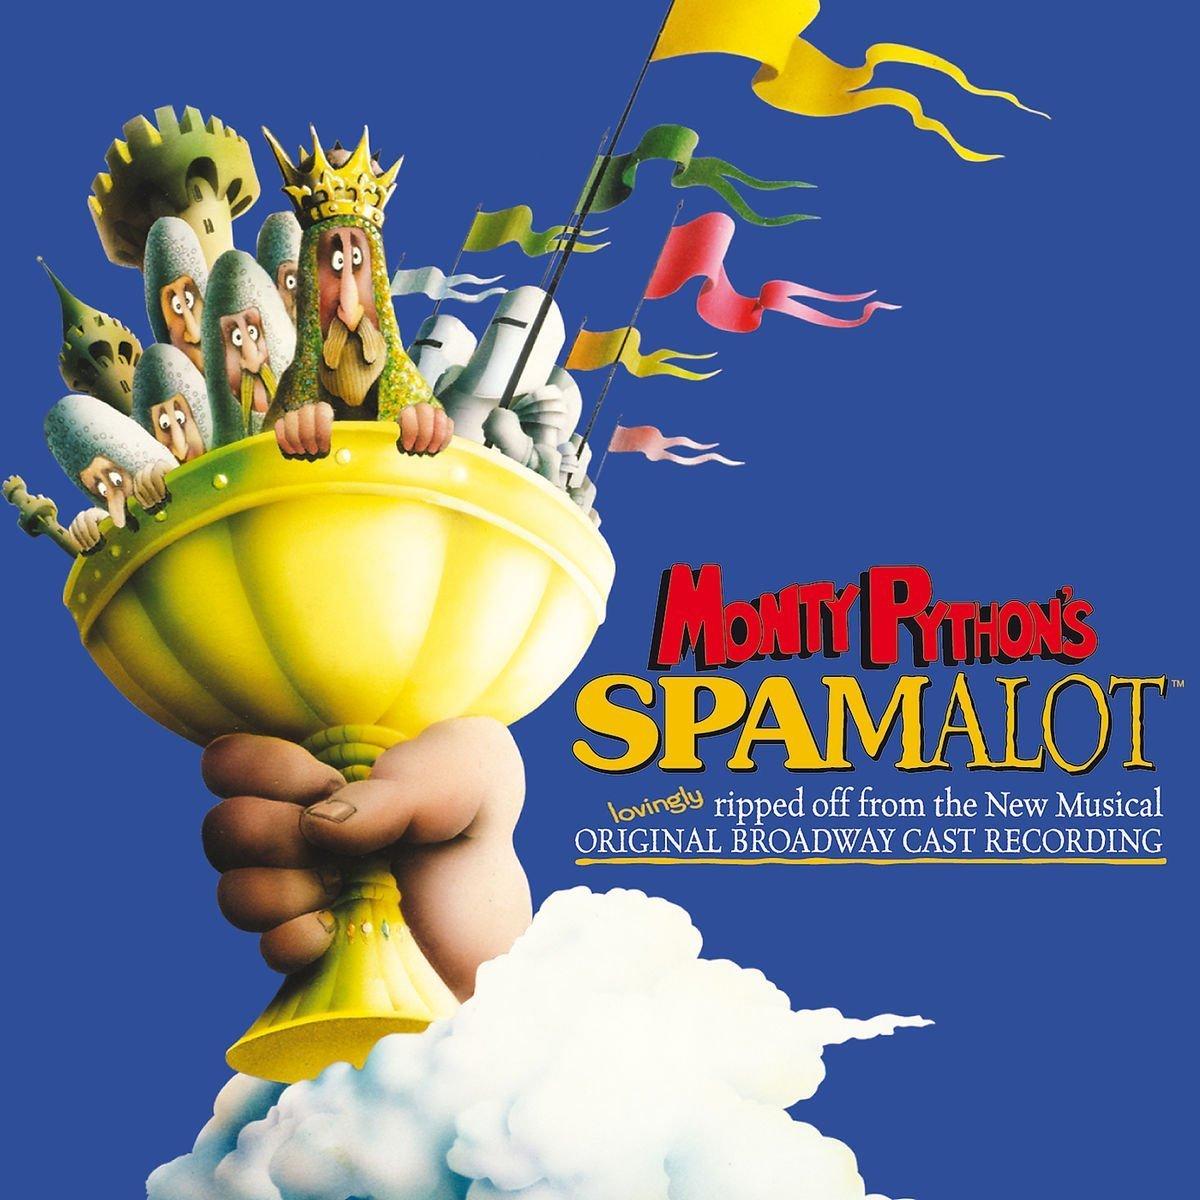 Montypythonovský muzikál Spamalot míří na plátna, připomeňte si nejlepší skeče | Fandíme filmu